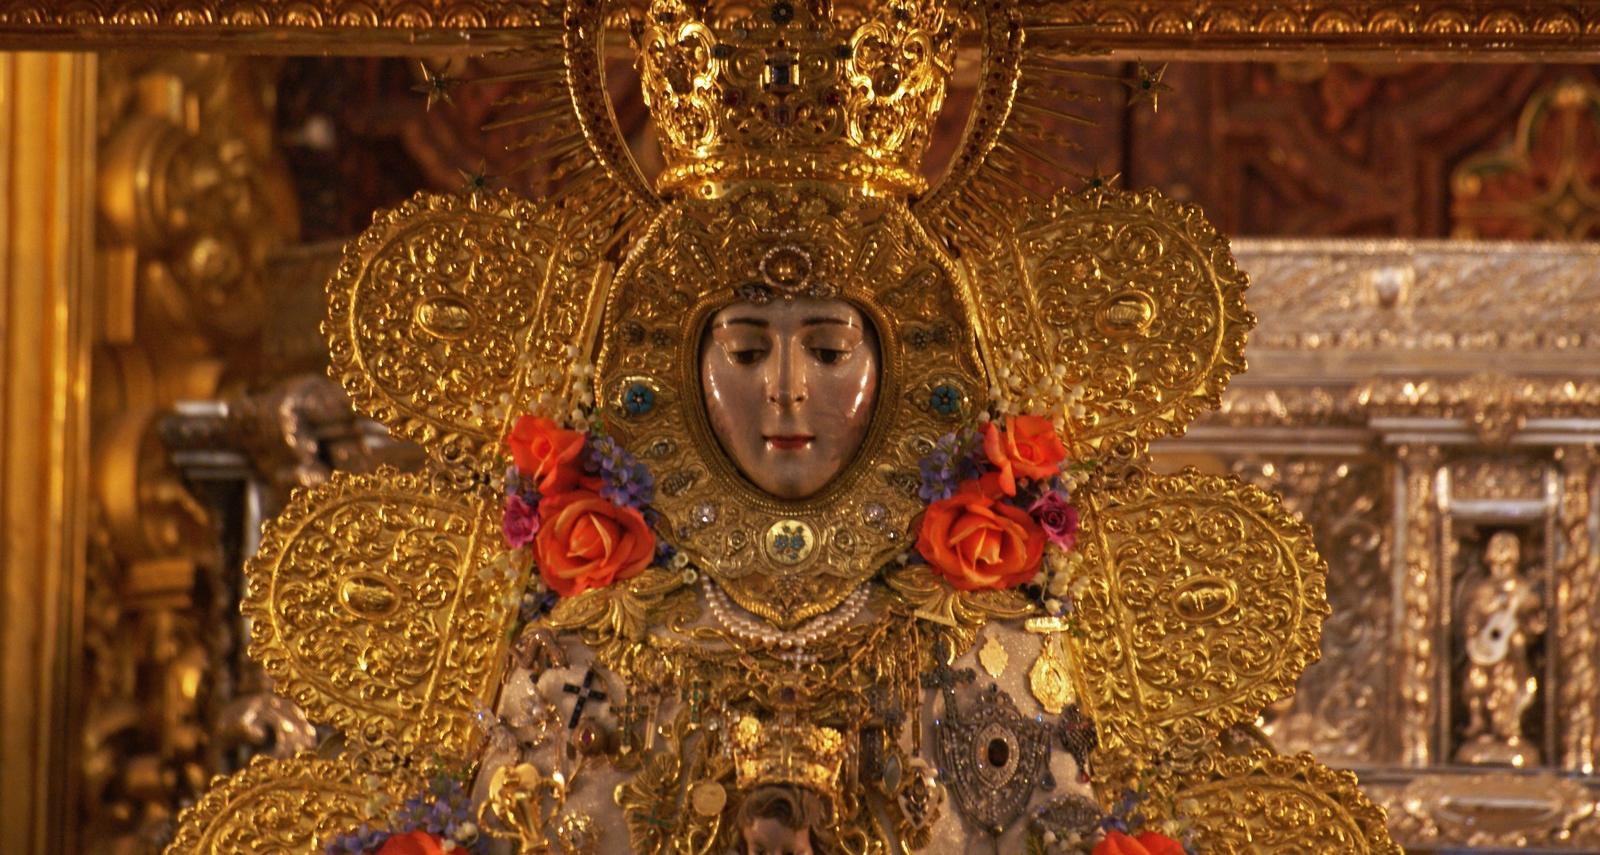 La Devoción con más Militancia en España: Virgen del Rocío, España (11 de mayo)